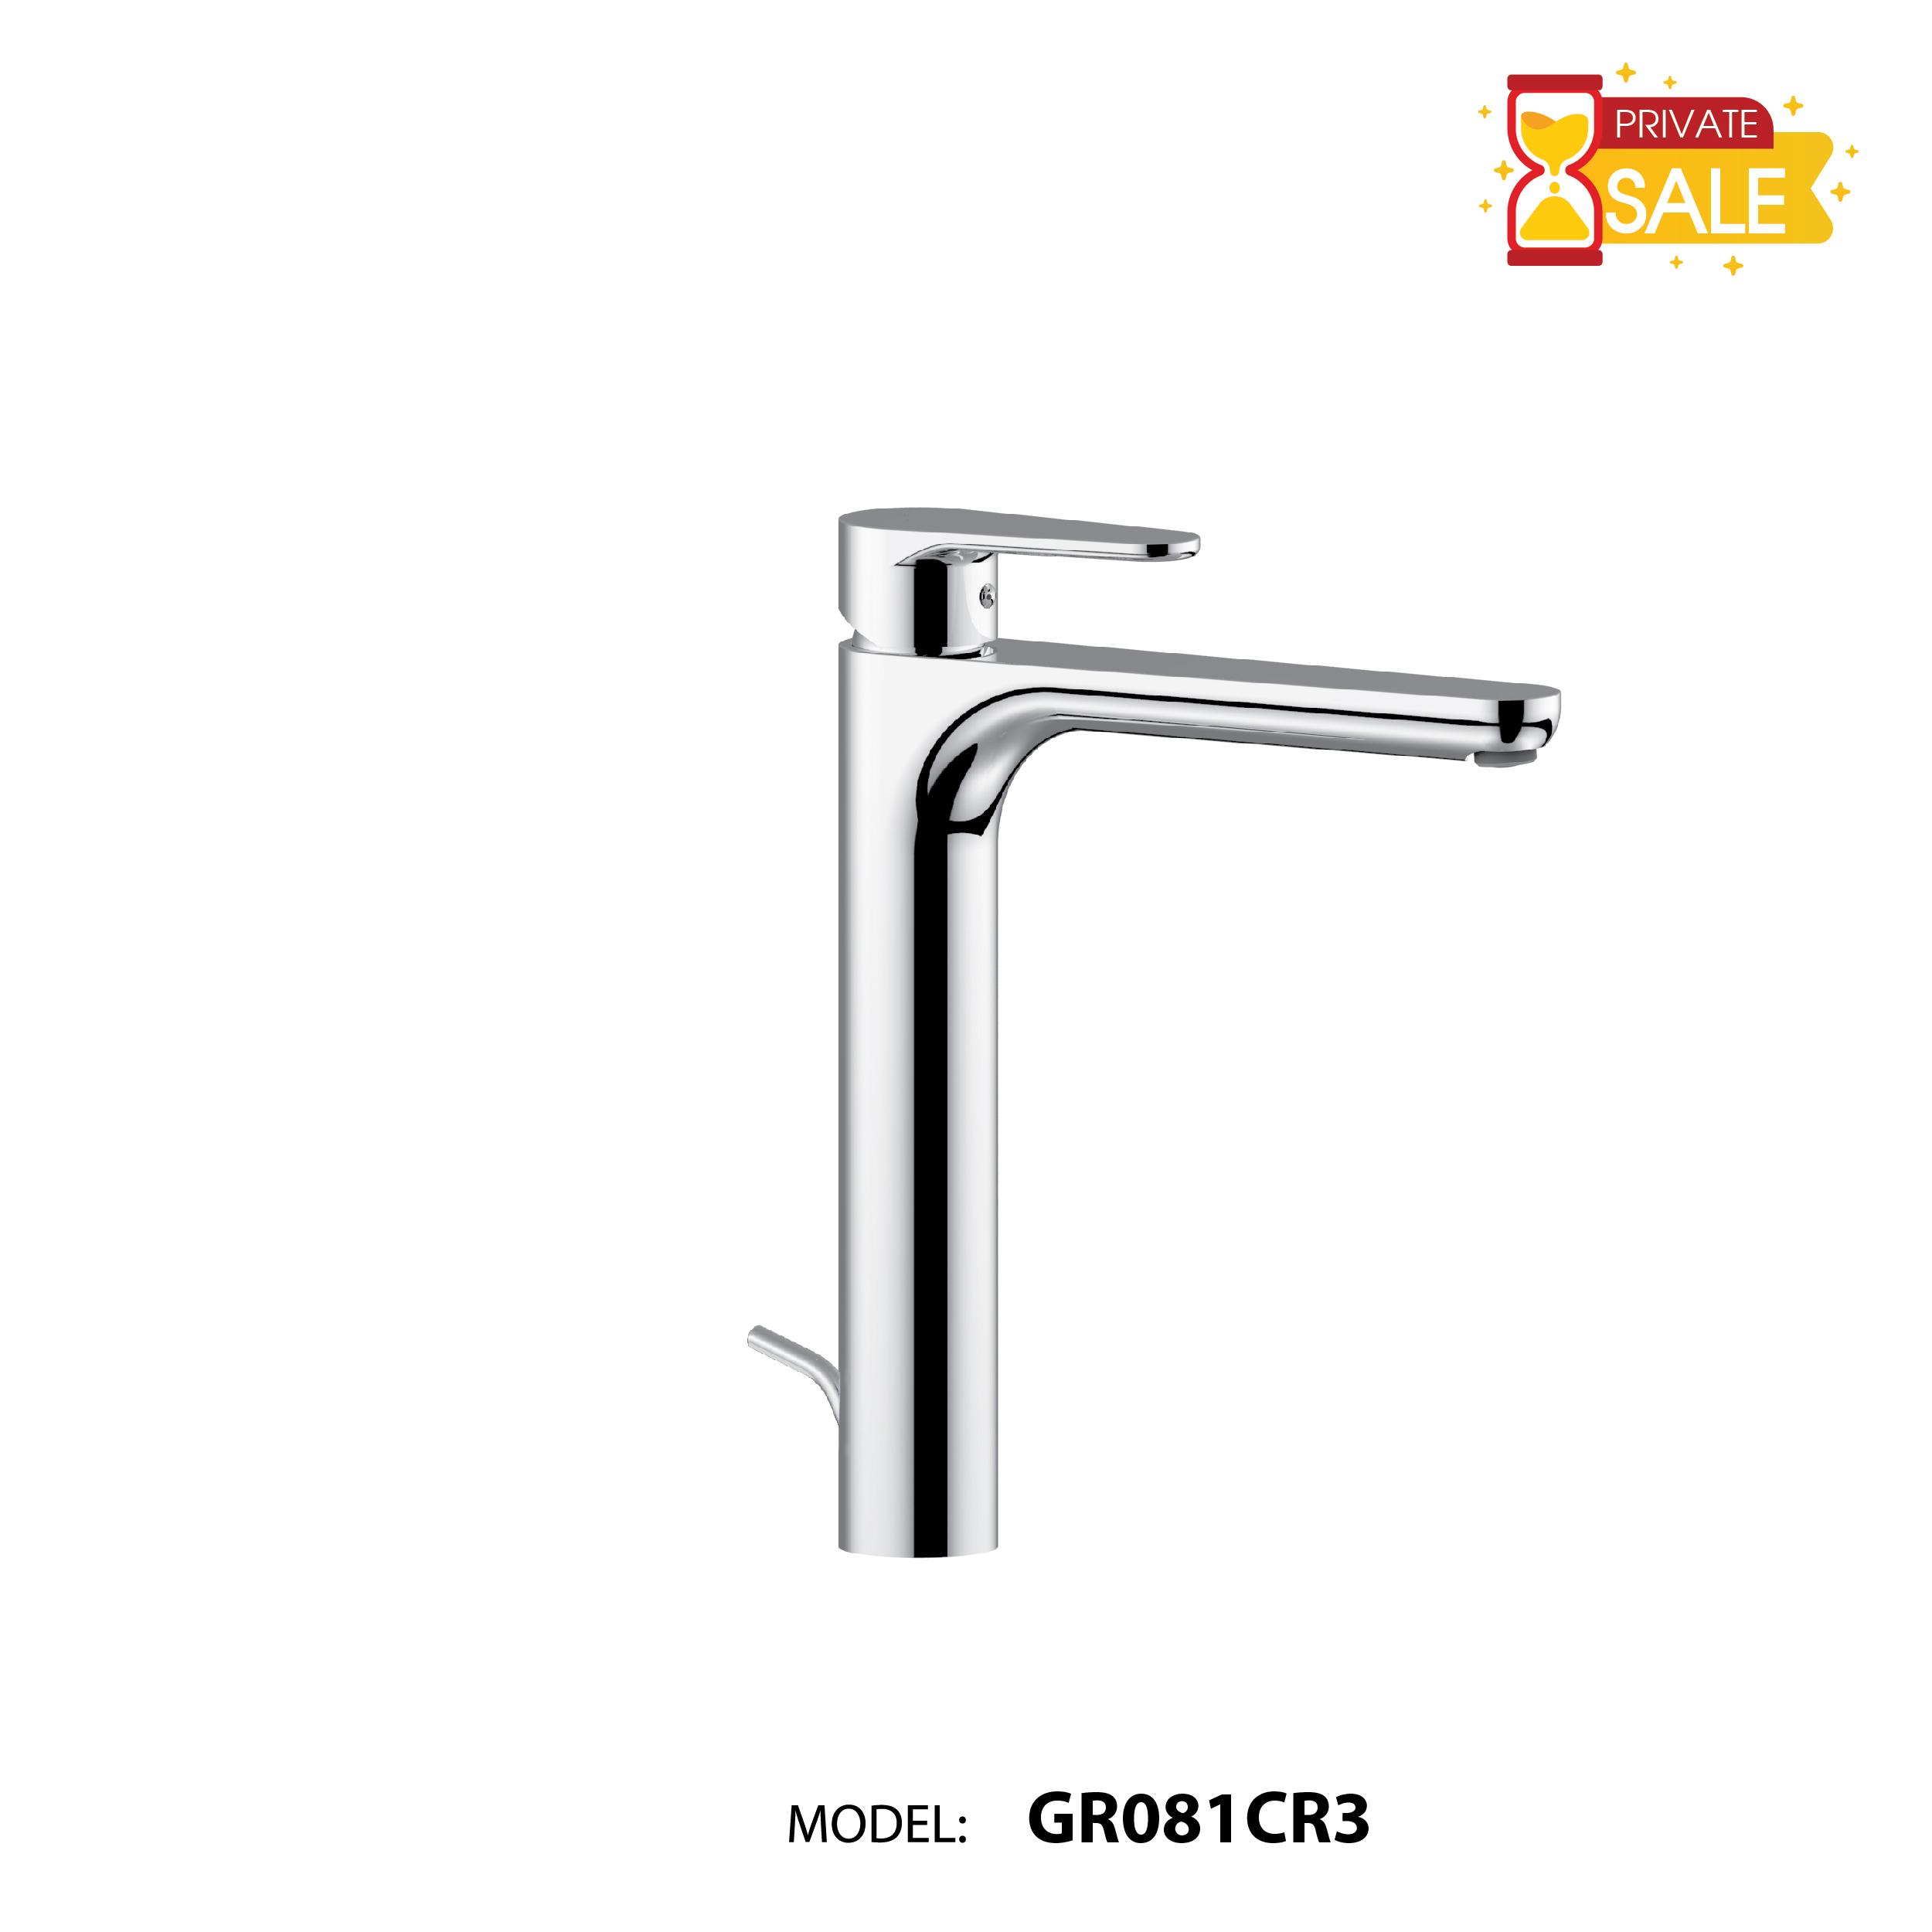 VÒI CHẬU NÓNG LẠNH PAFFONI GR081CR3 (Vòi lavabo model: GR081CR3)